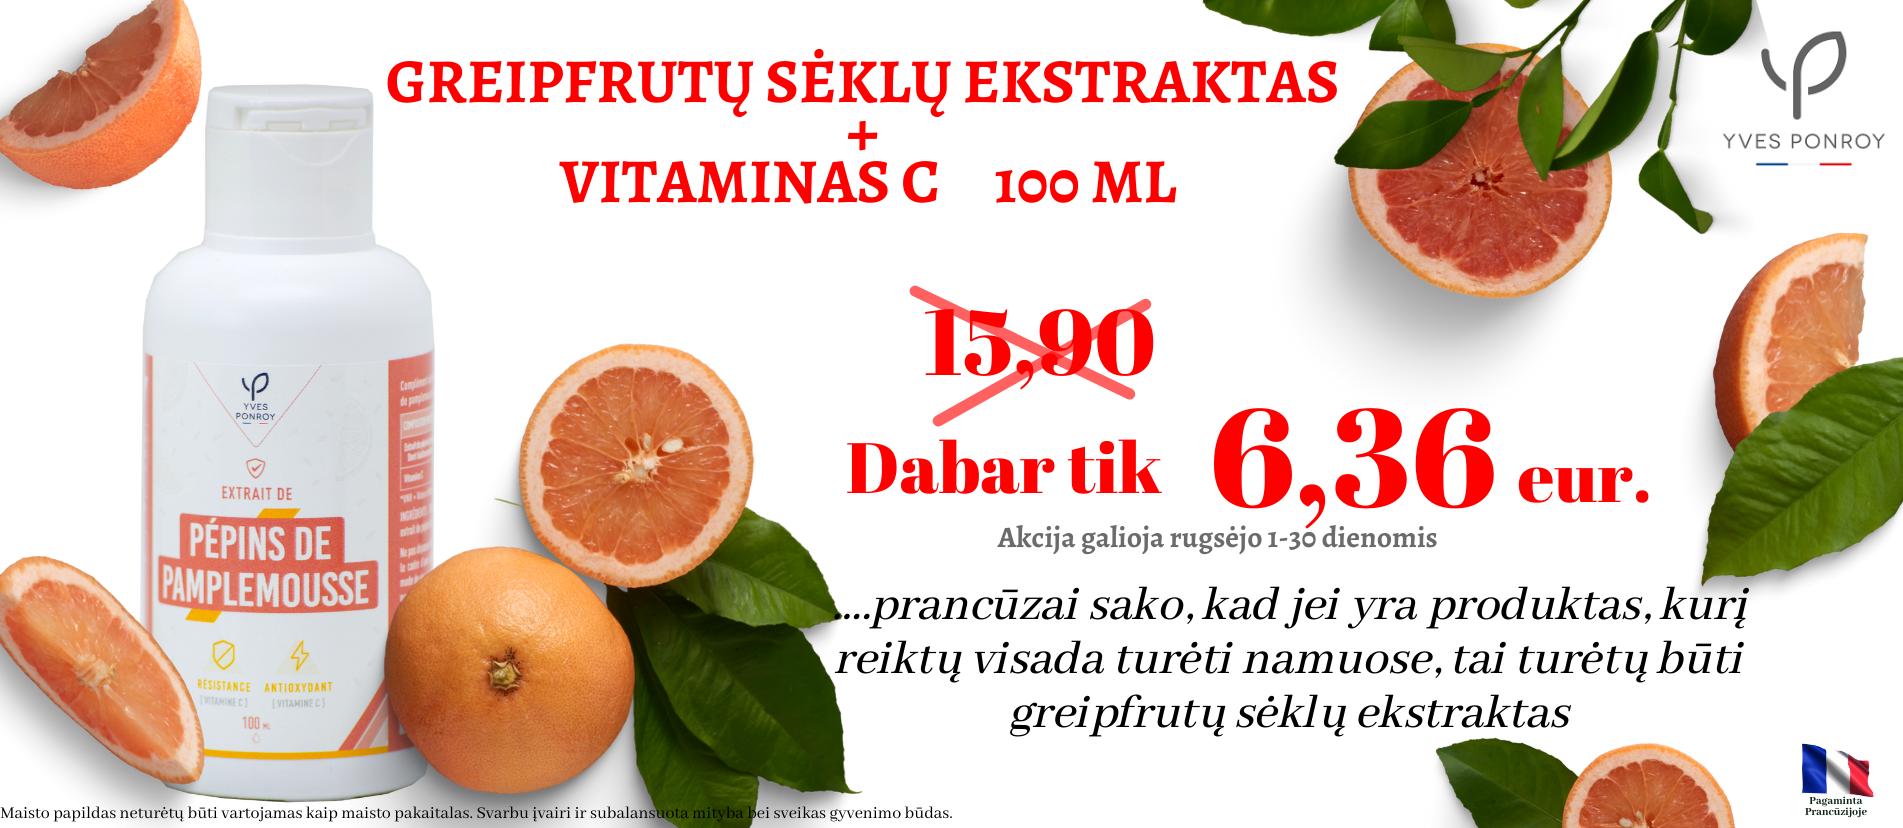 Greipfrutų-sėklų-ekstraktas-akcija_slamutis.lt